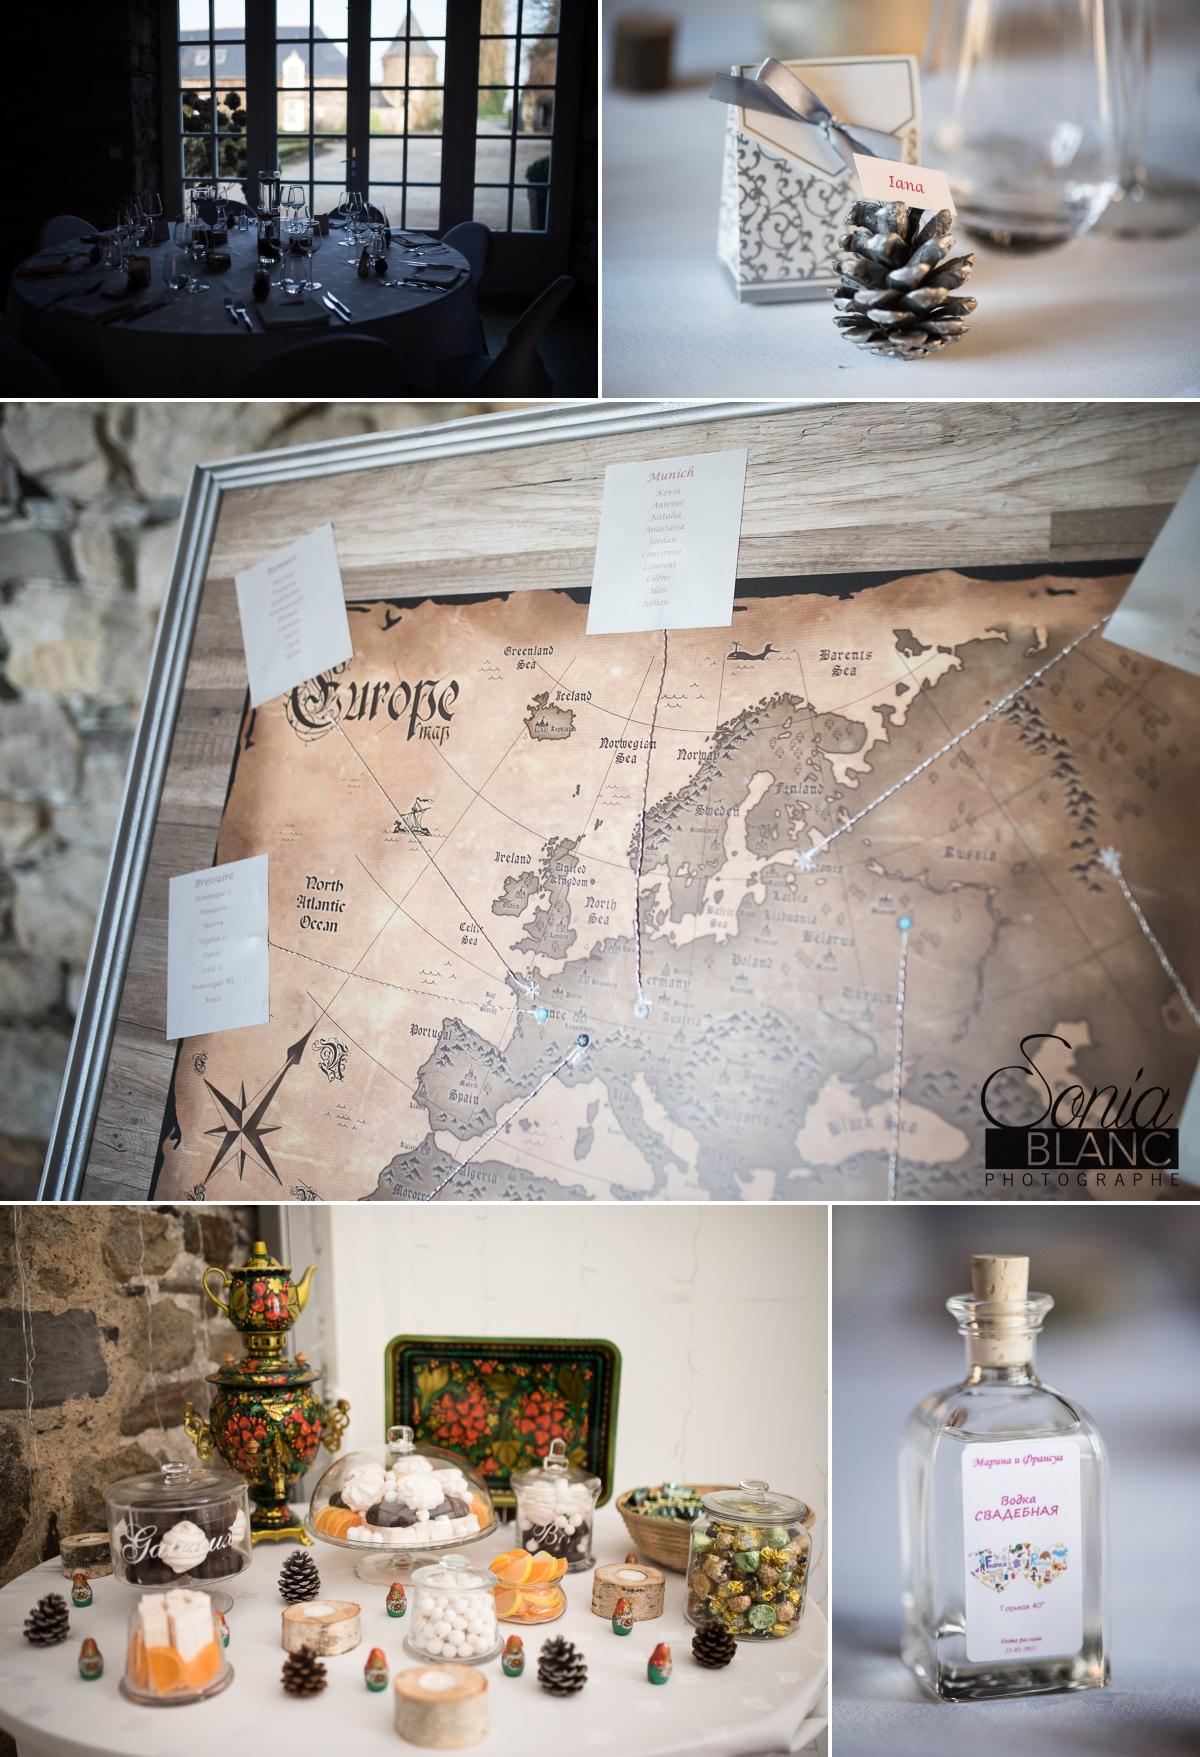 94 - vin d'honneur - mariage à rennes - Bretagne - manoir de la begaudiere - sonia blanc photographe